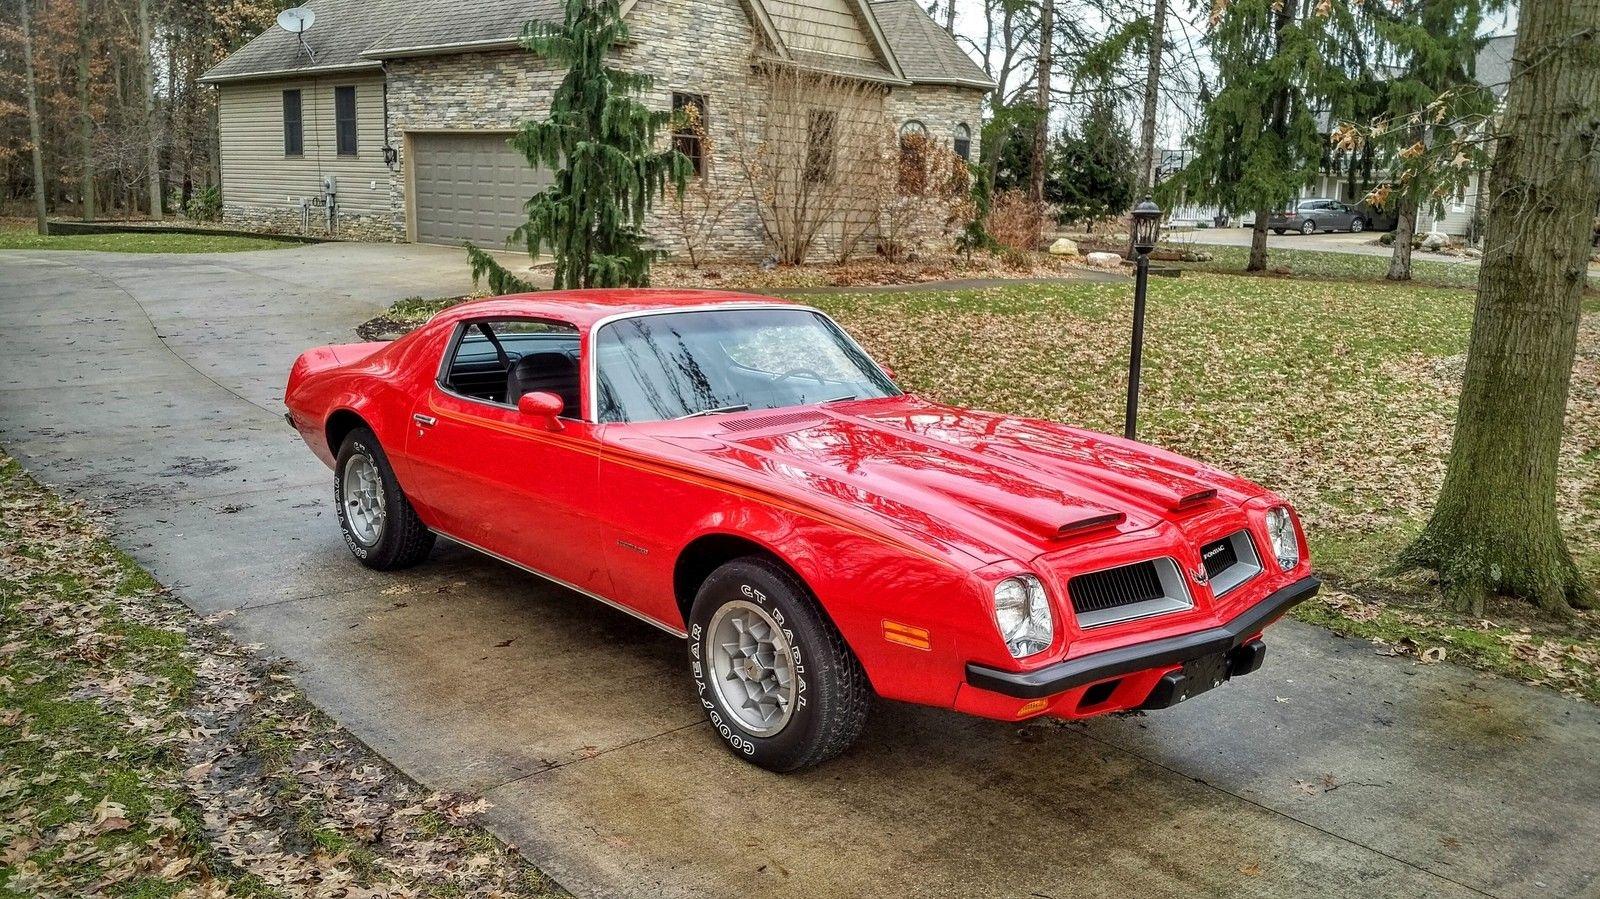 8205 Original Miles 1974 Pontiac Firebird